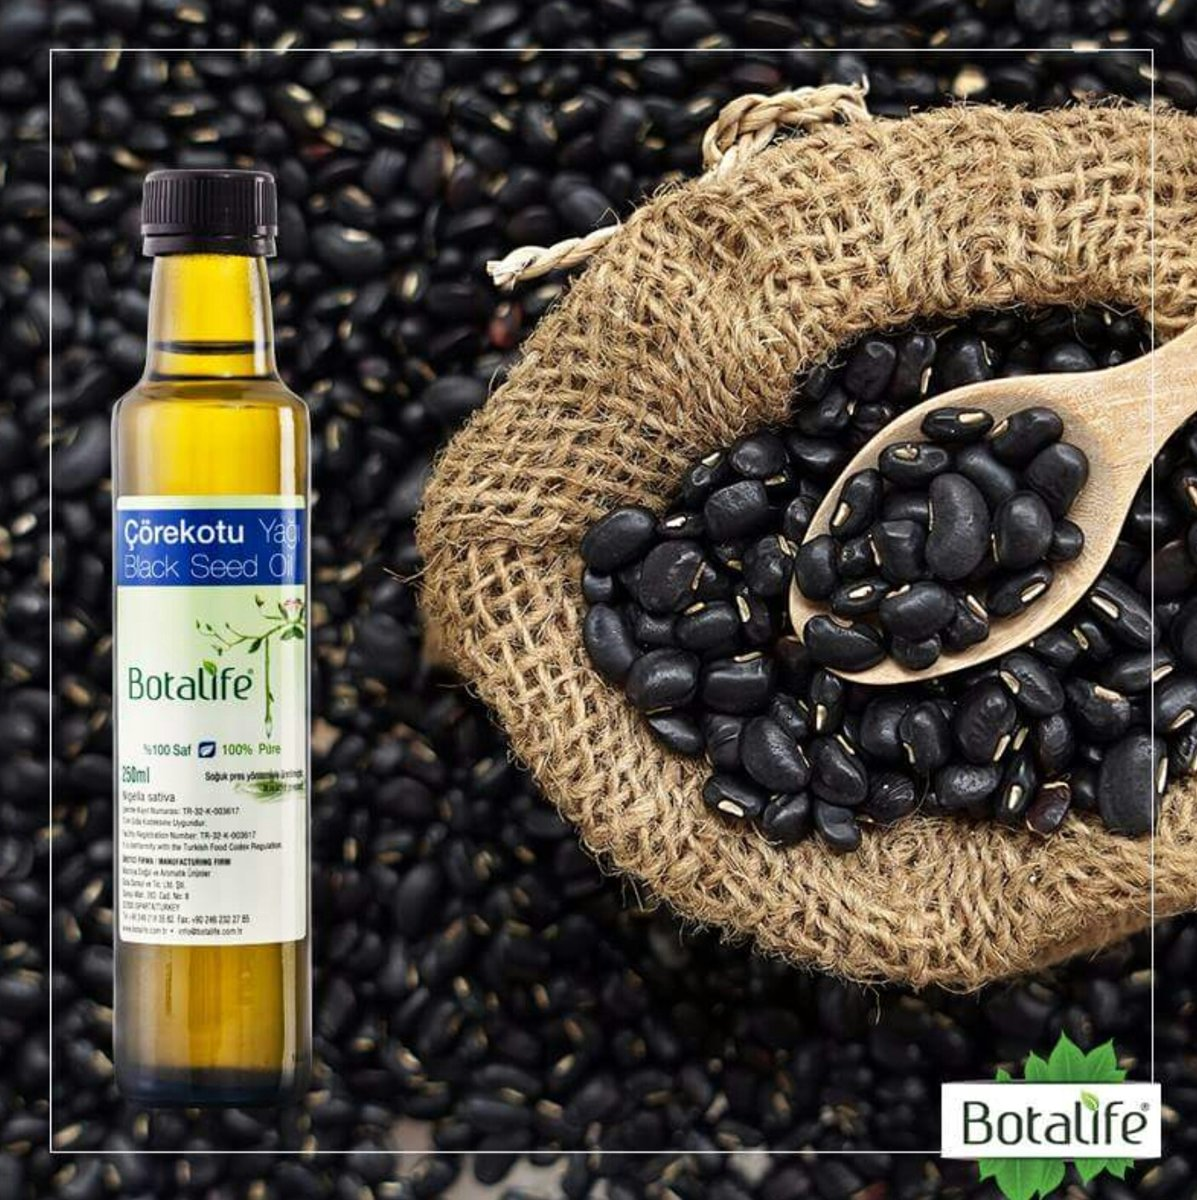 Foto van Botalife - Zwarte komijnzaad olie 250 ml -100% natuurlijk & koud geperst